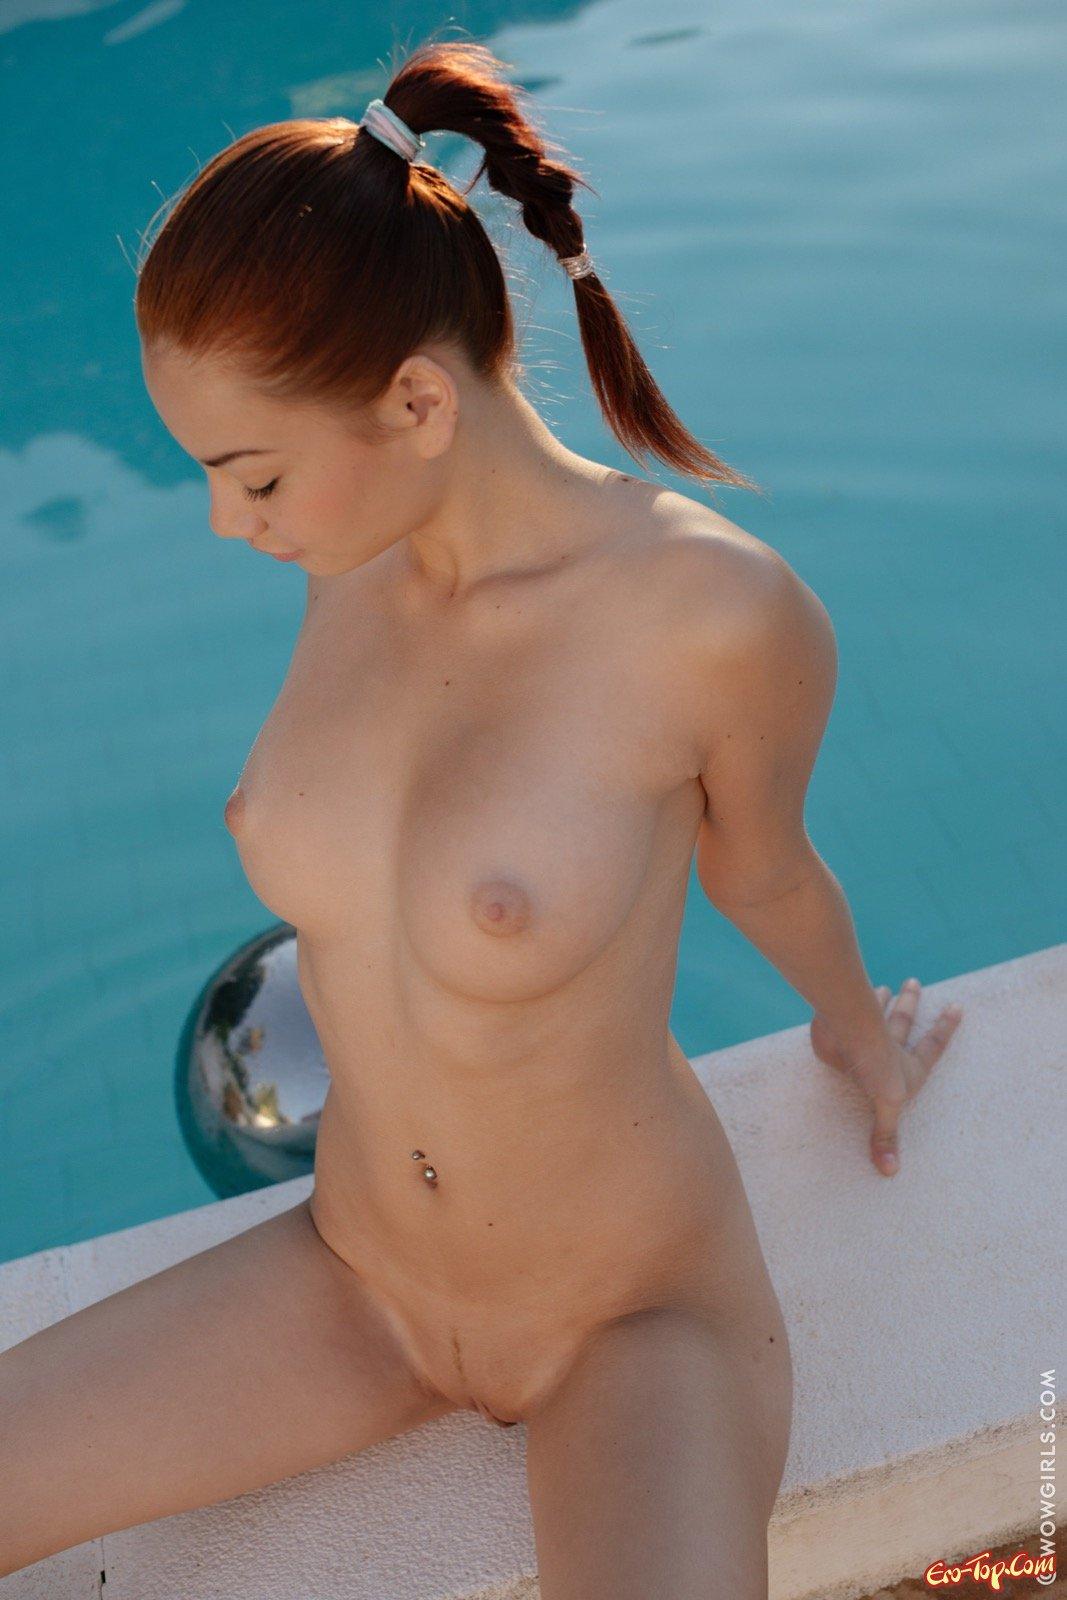 Игривая рыженькая барышня сняла трусы рядом с бассейном